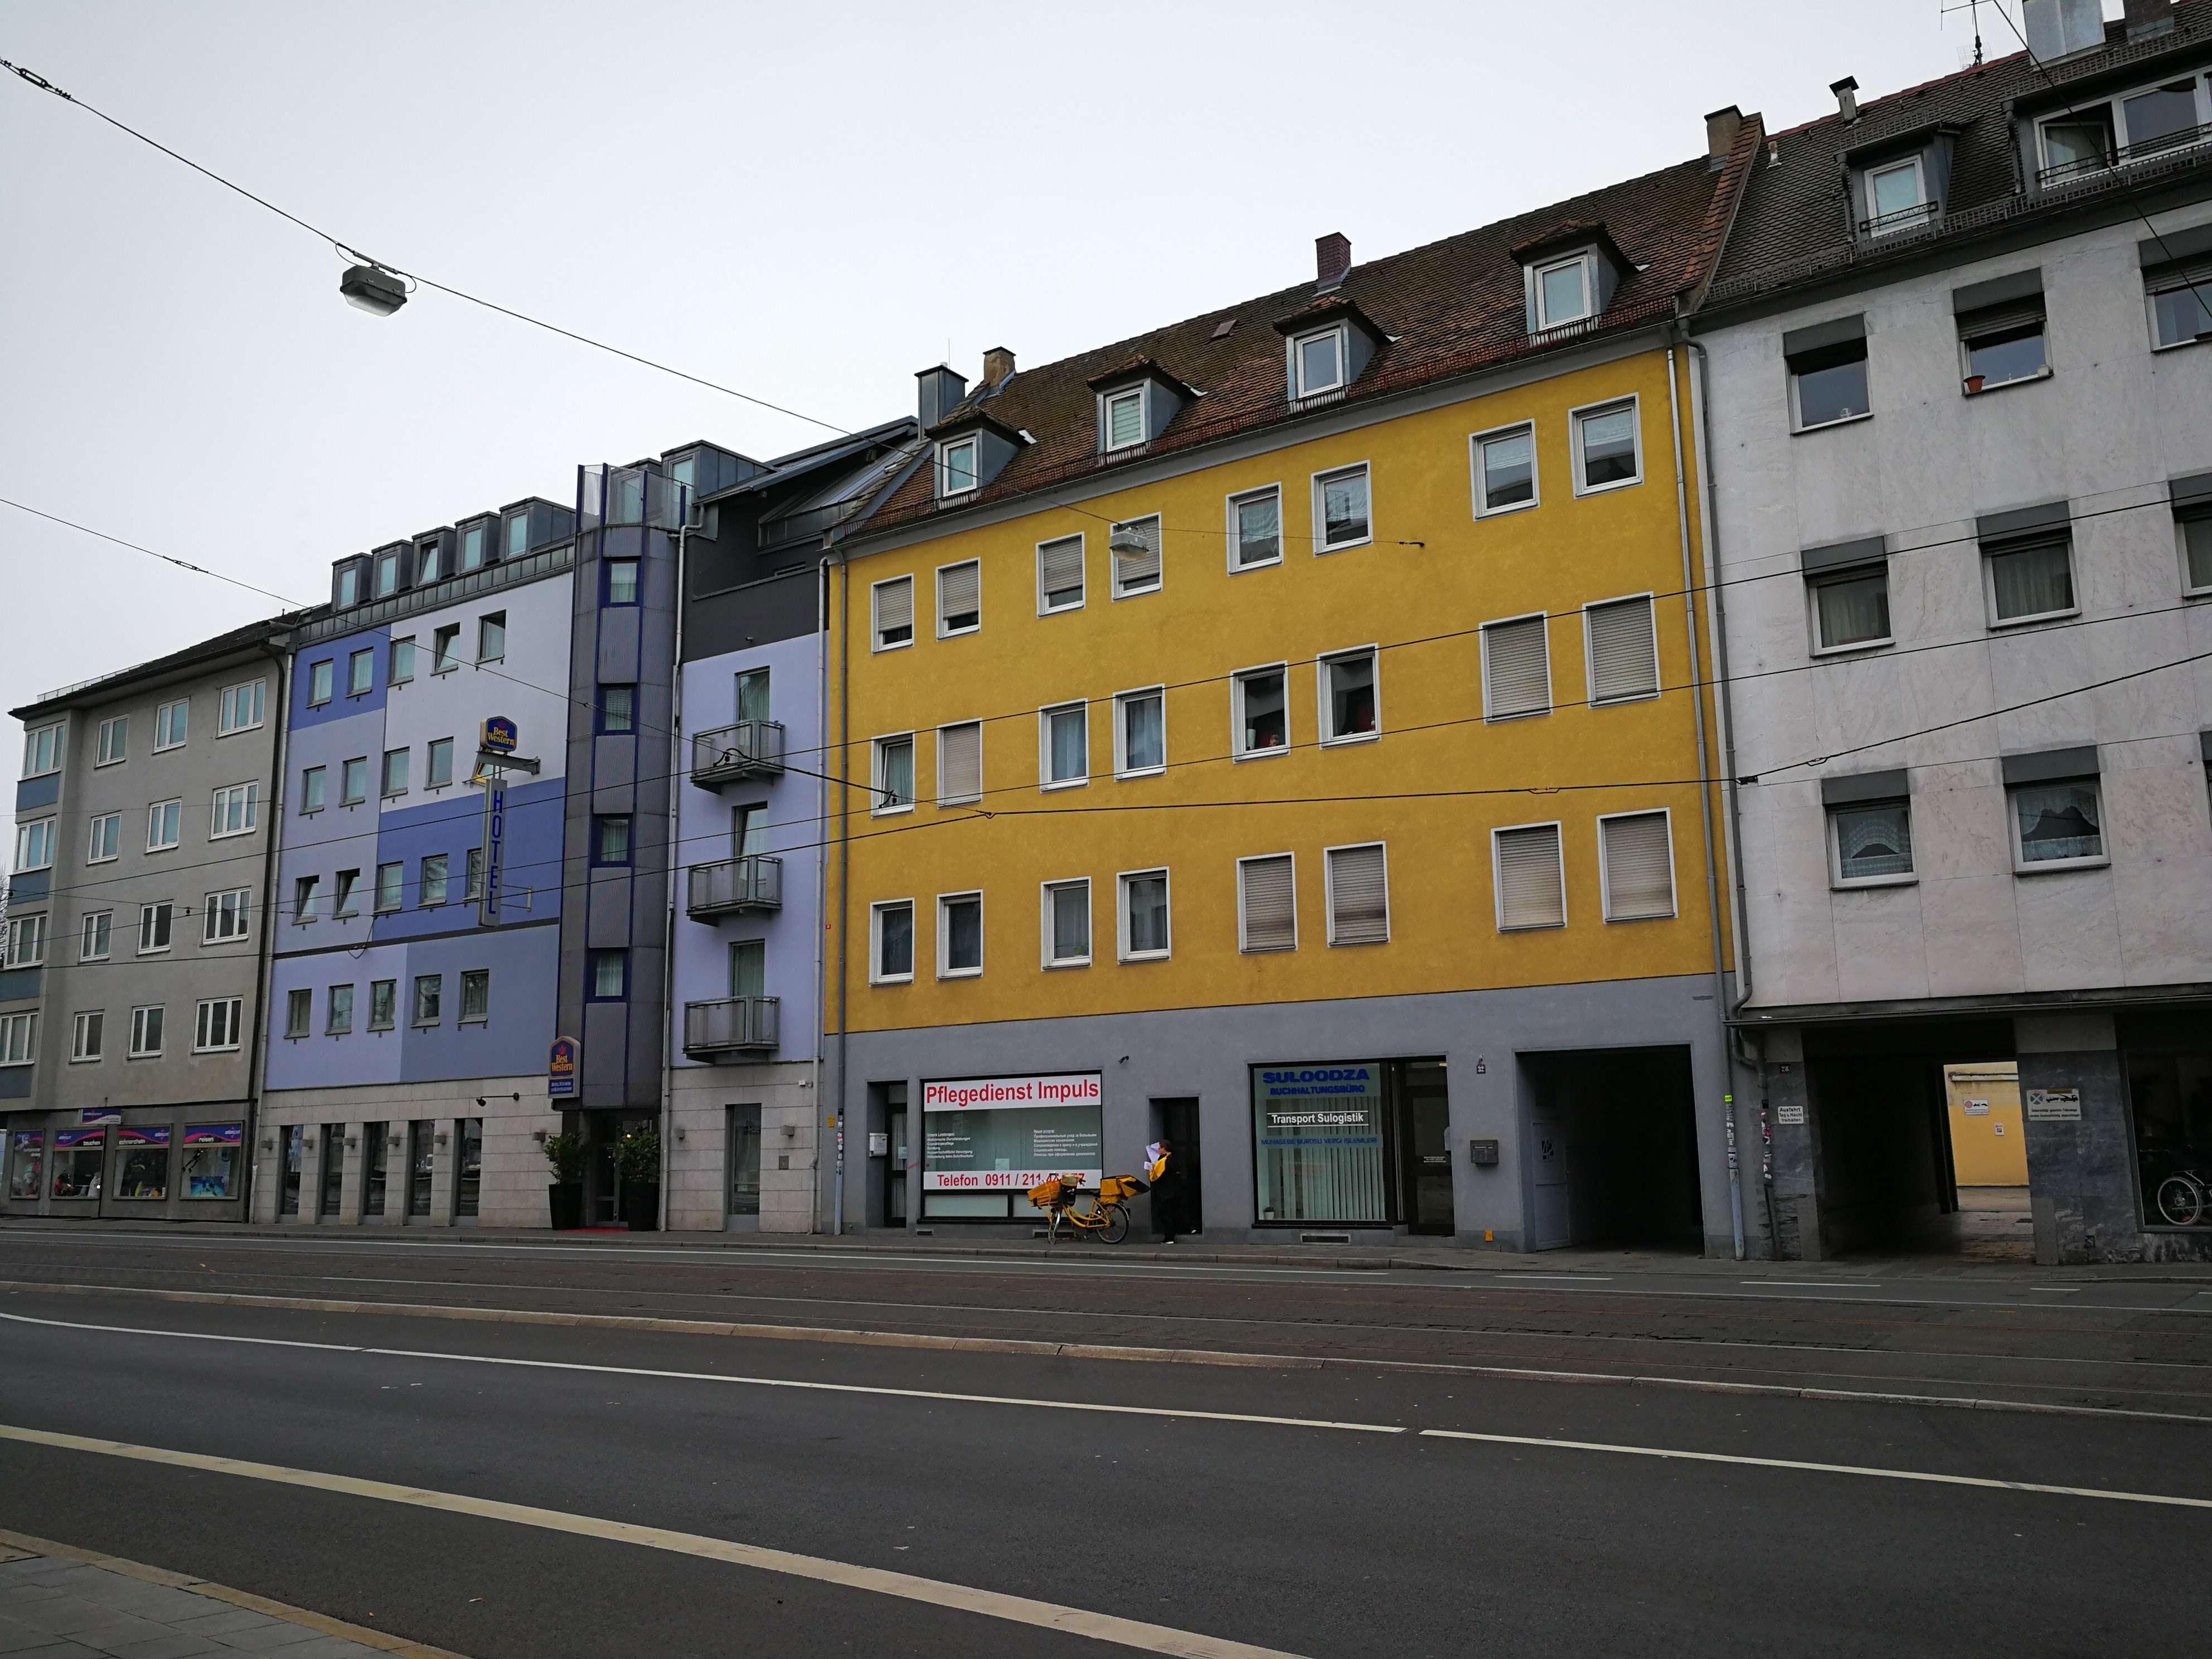 Nachmieter für 3 Zimmer Wohnung gesucht! in Galgenhof (Nürnberg)